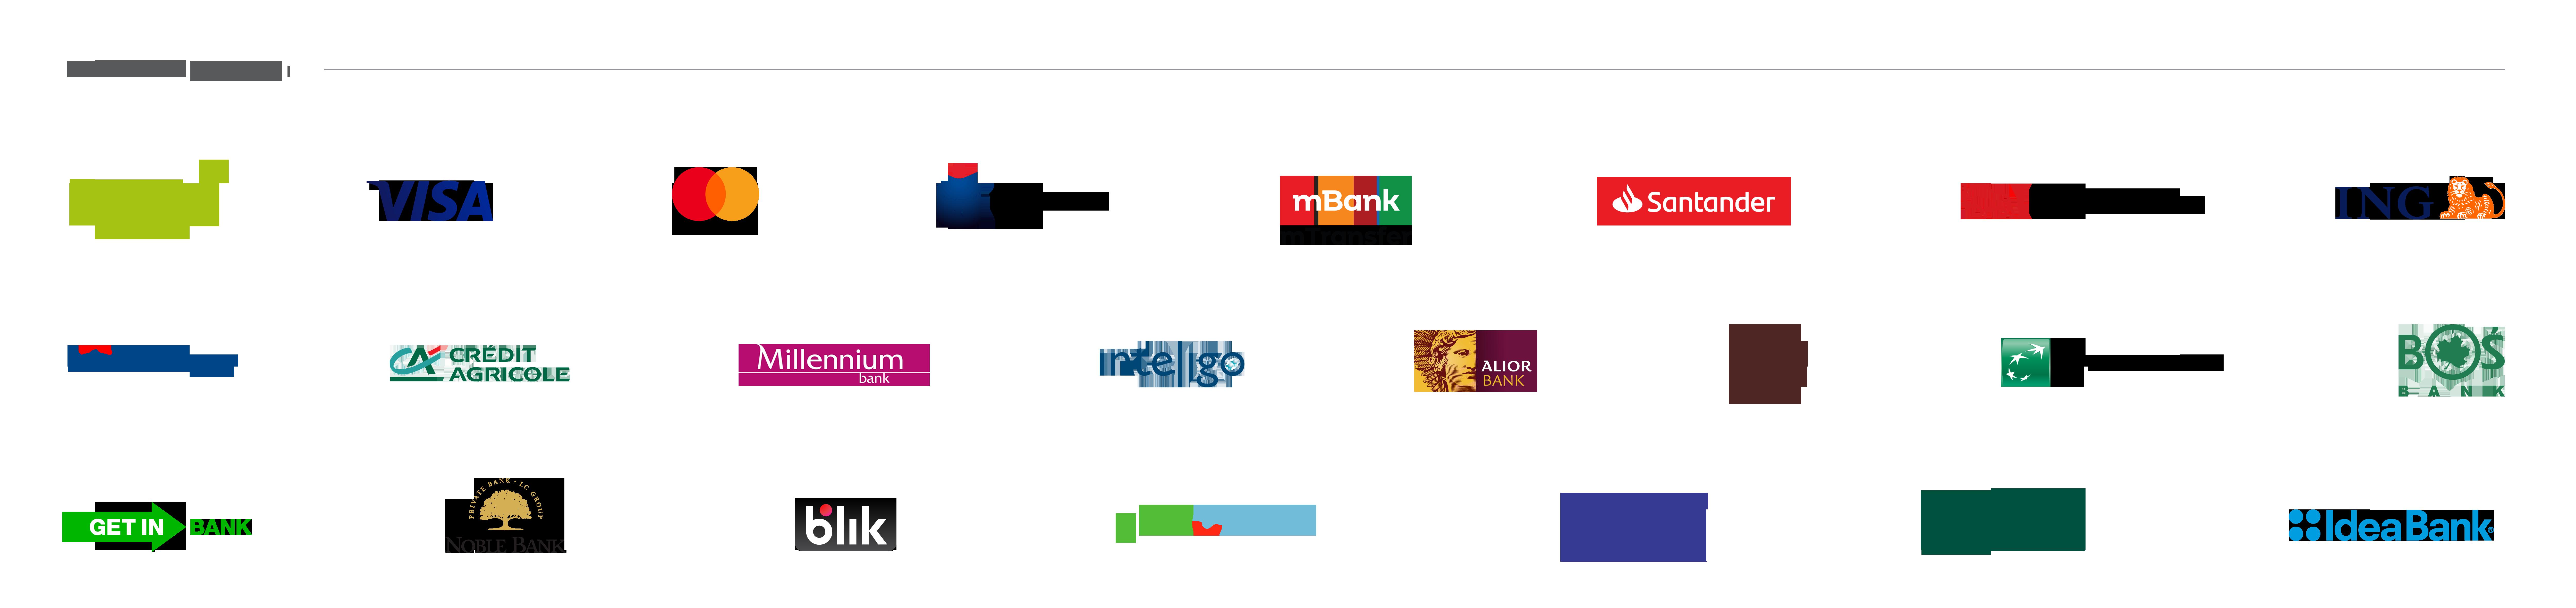 Pasek_banki_karty_01_2021.png